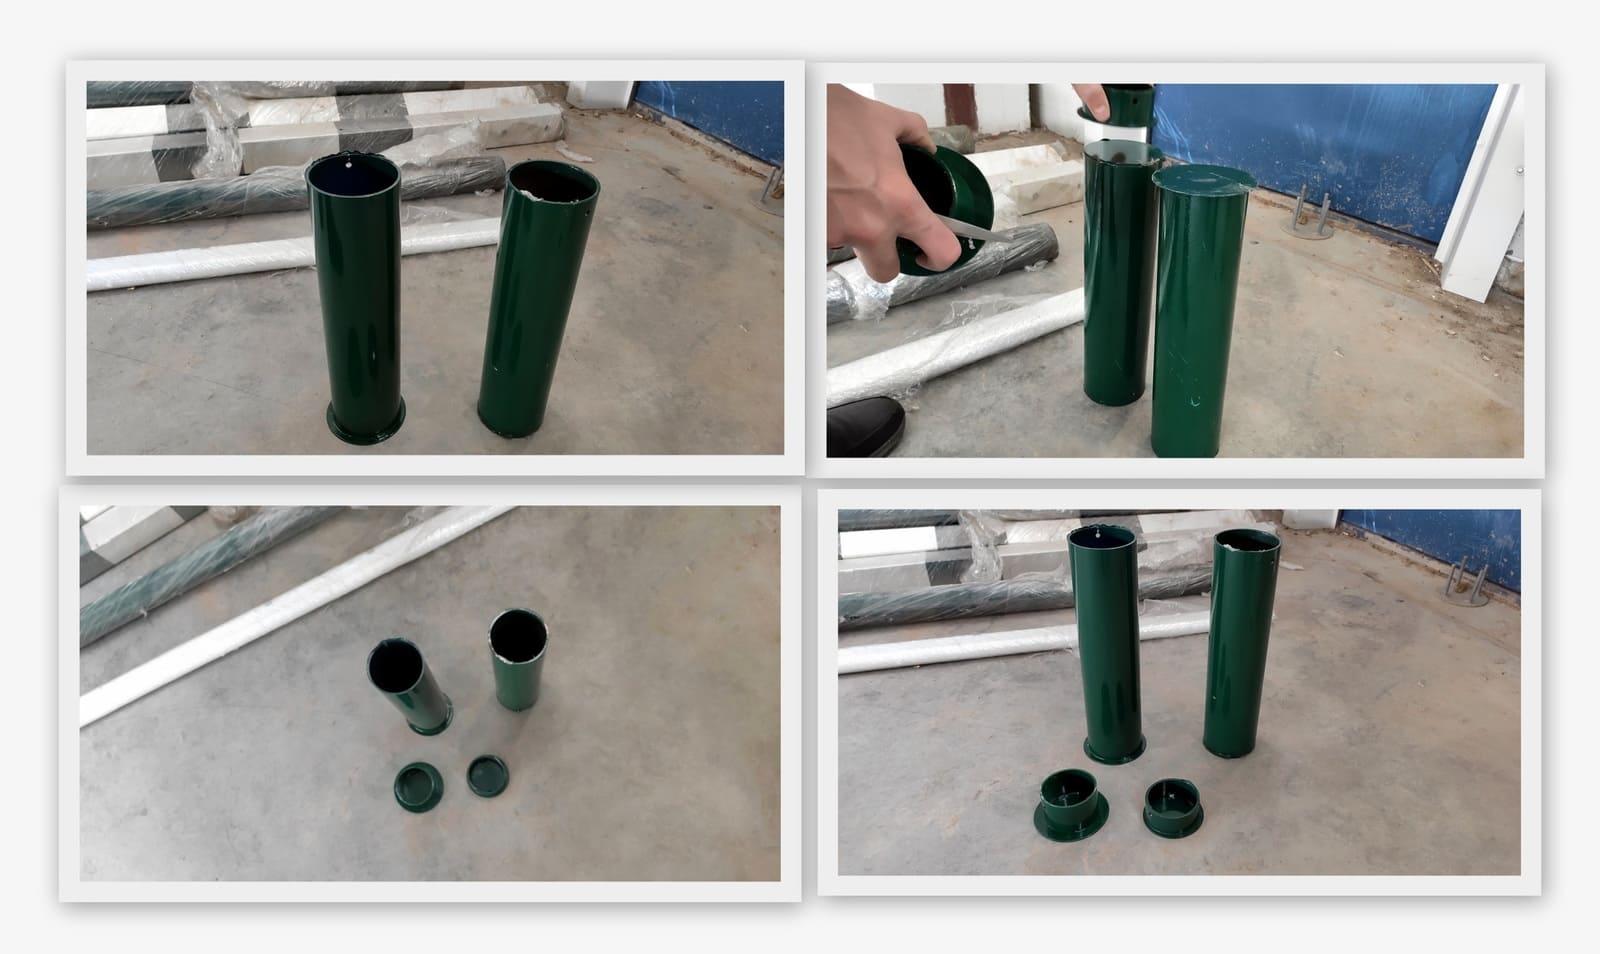 Стаканы для теннисных стоек 350 мм, (пара)